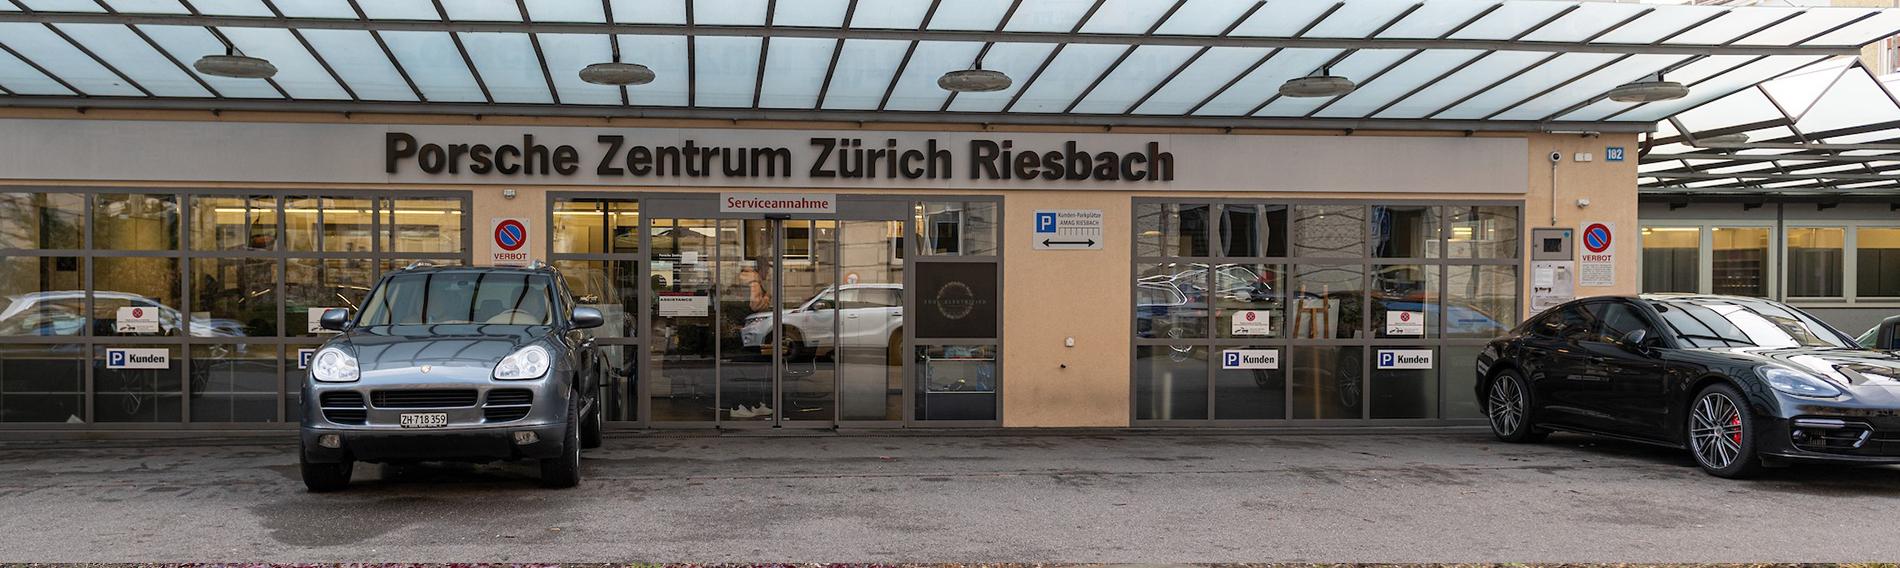 Nettoyage au Porsche Centre Zurich